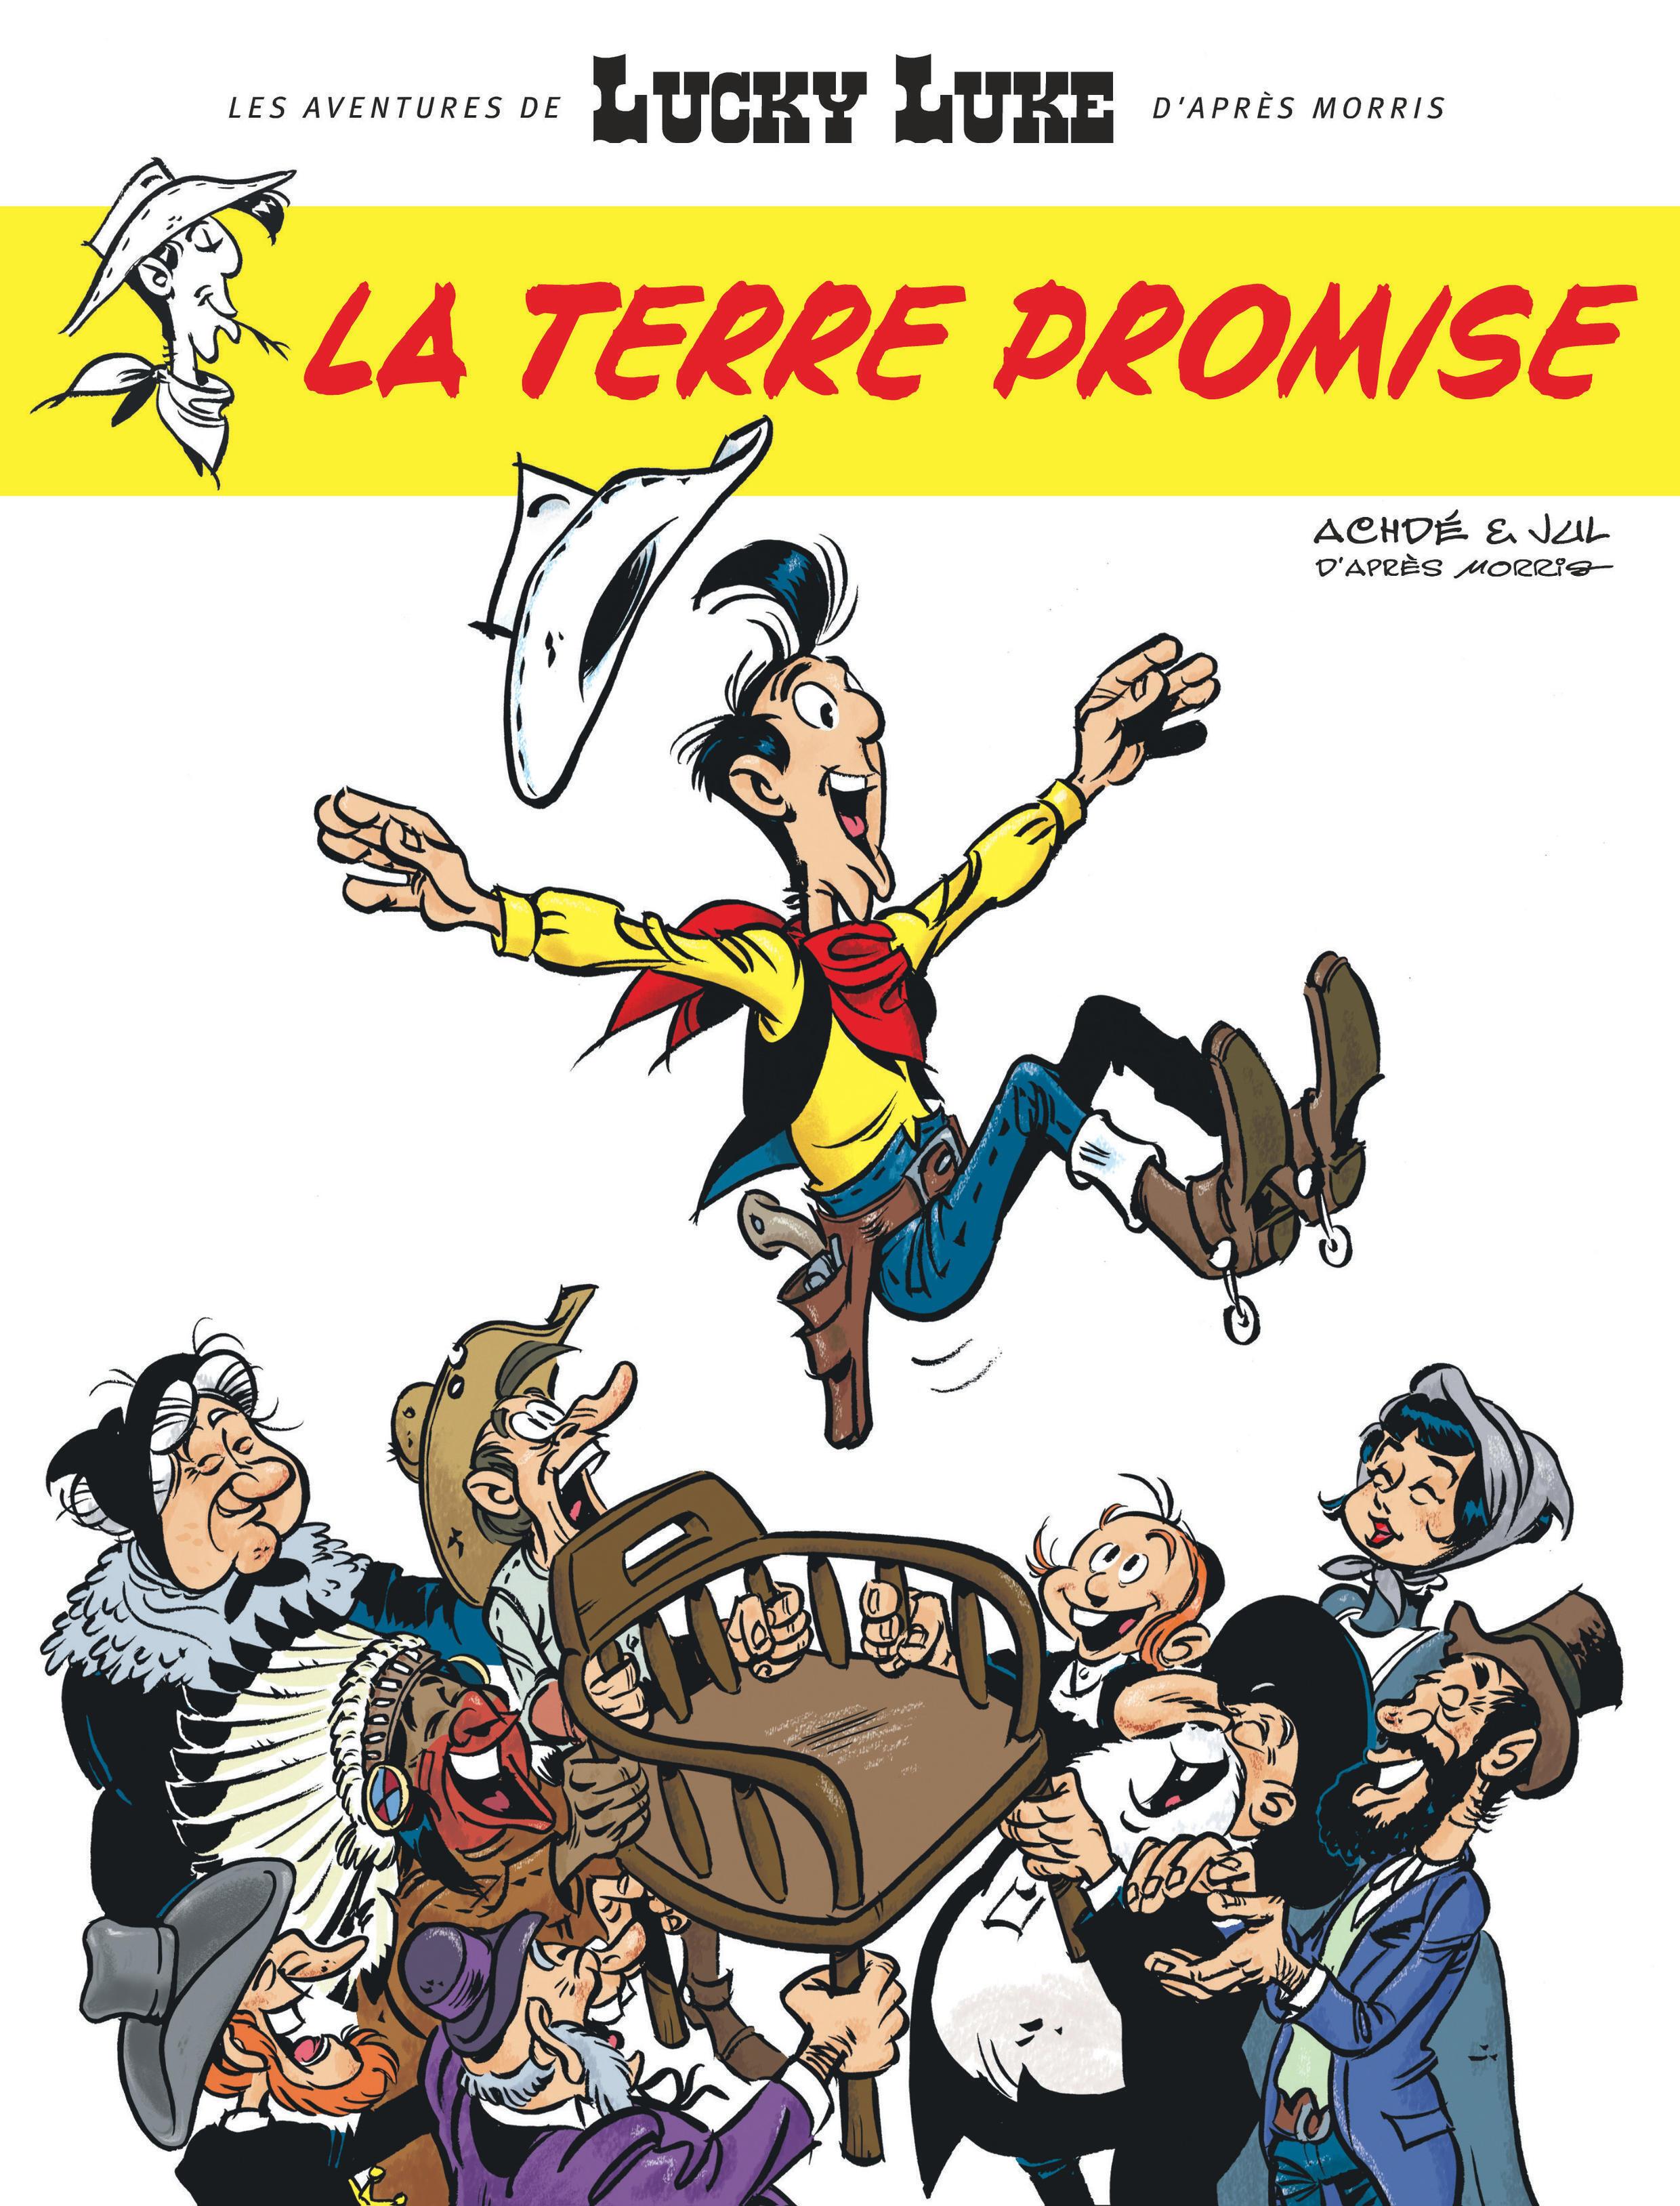 Couverture de la nouvelle aventure de Lucky Luke par Achdé et Jul.